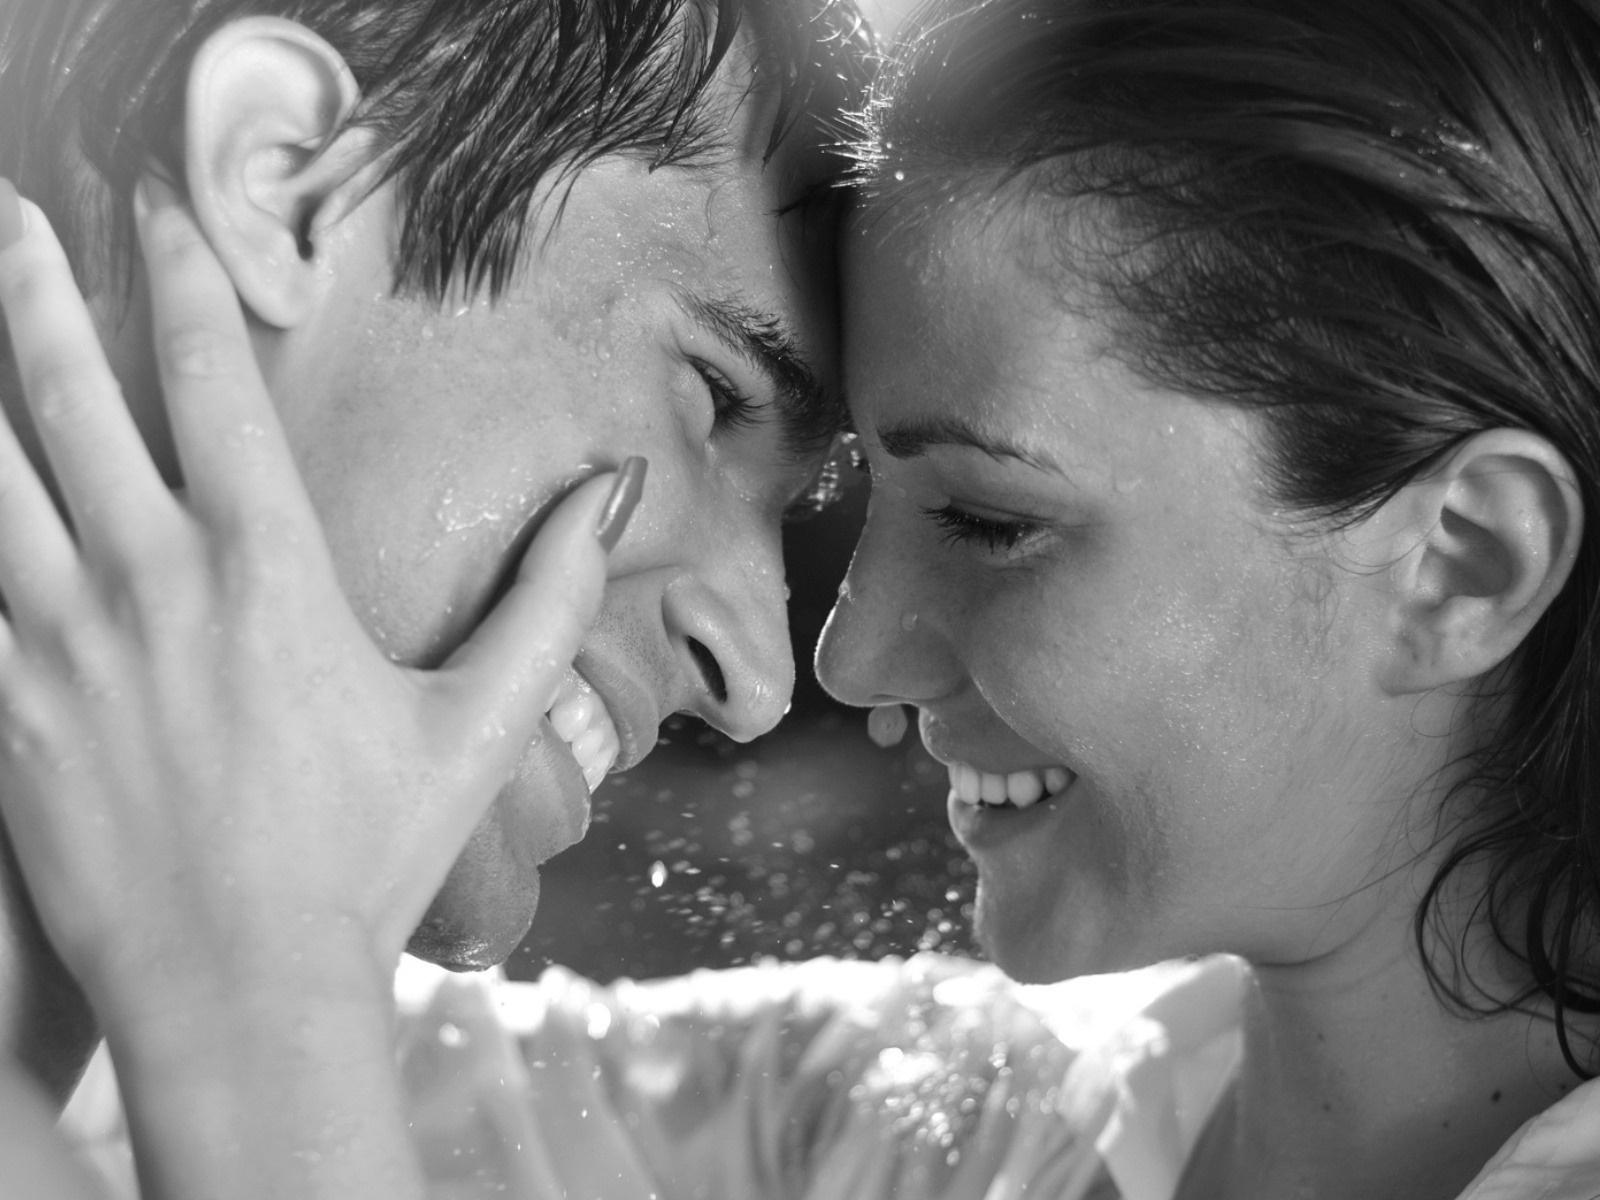 Девушка случайно зашла в душ в мужчине фото 436-6